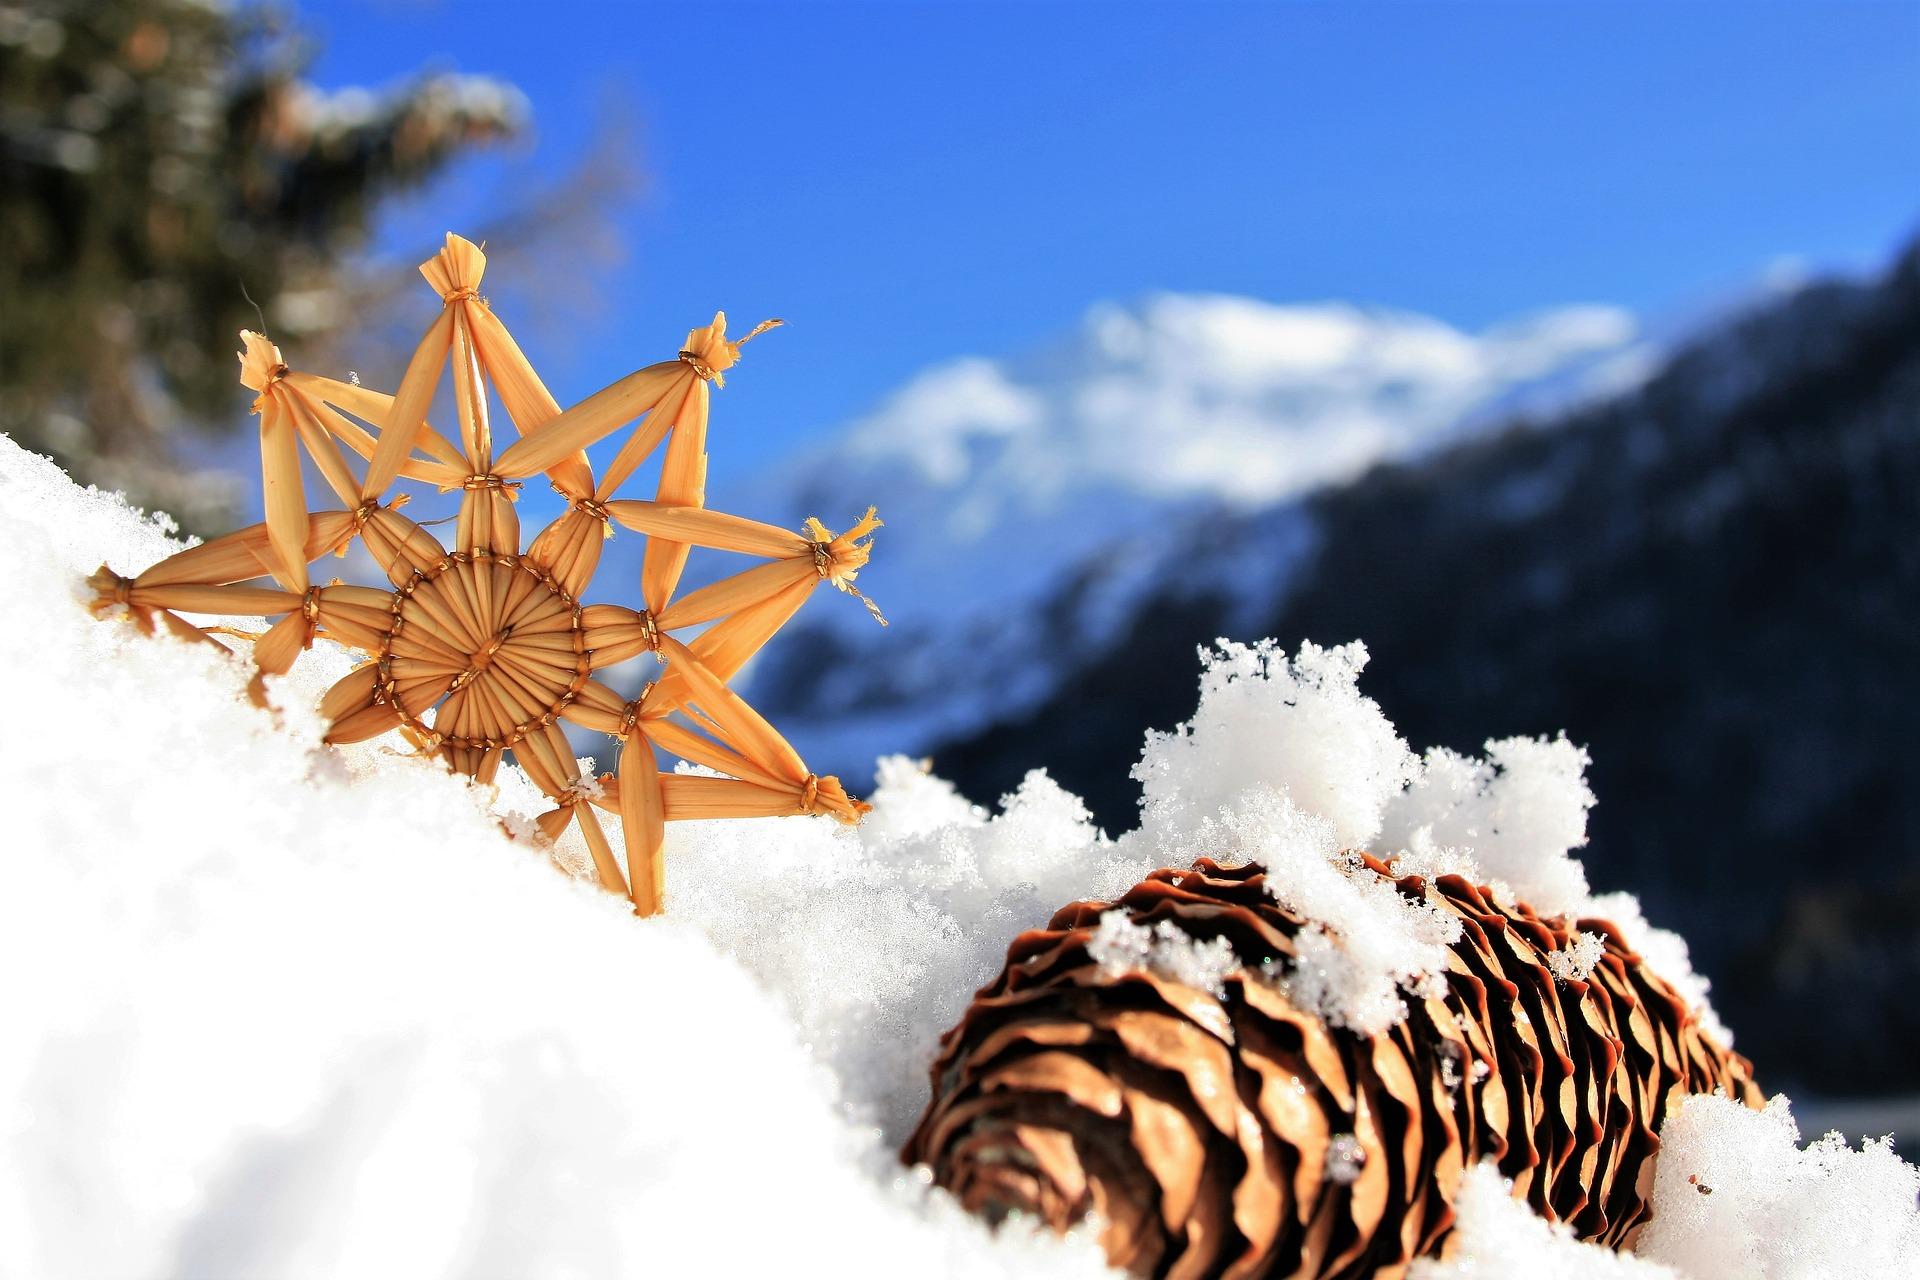 Frohe Weihnachten Hsv.Der Hsv Wünscht Allen Ein Gutes Neues Jahr Hsv Rottenegg